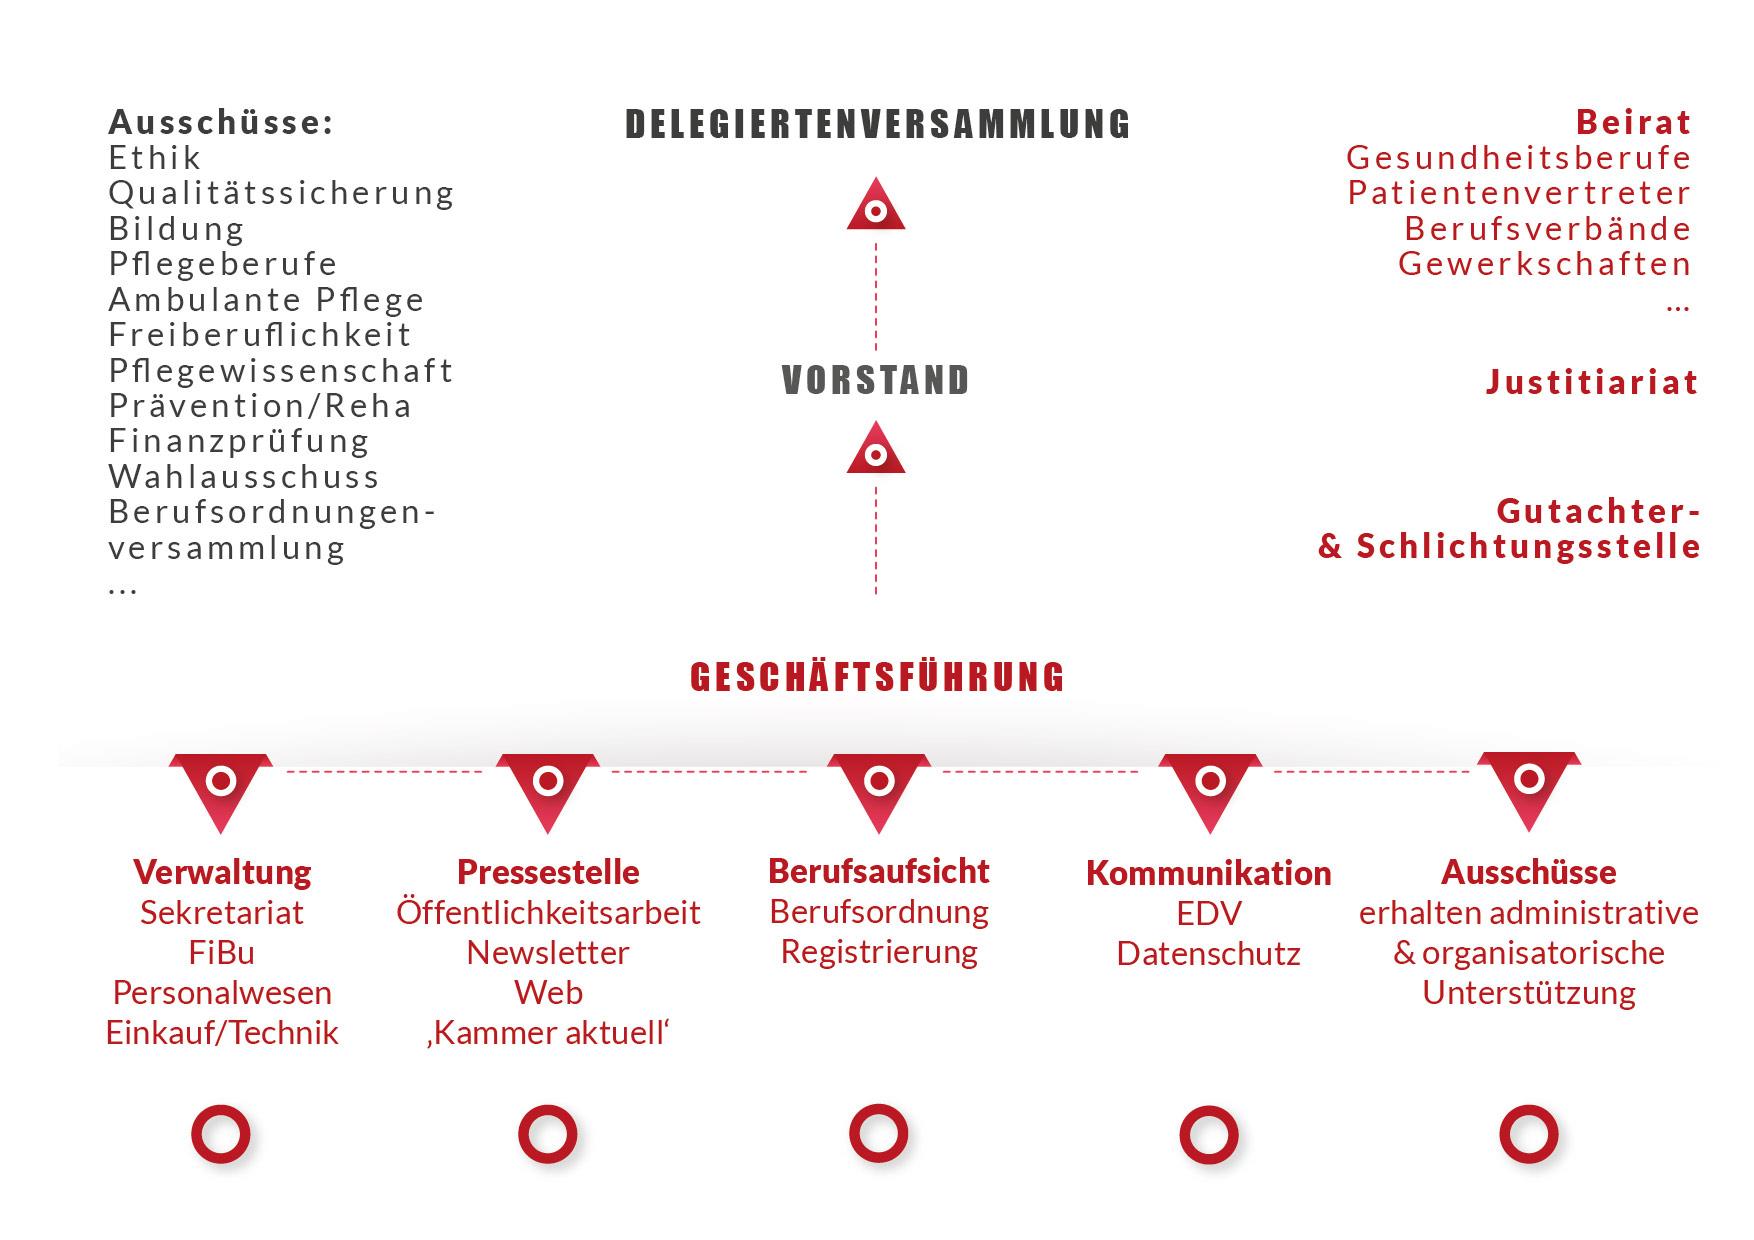 Darstellung der Struktur der Berliner Pflegekammer